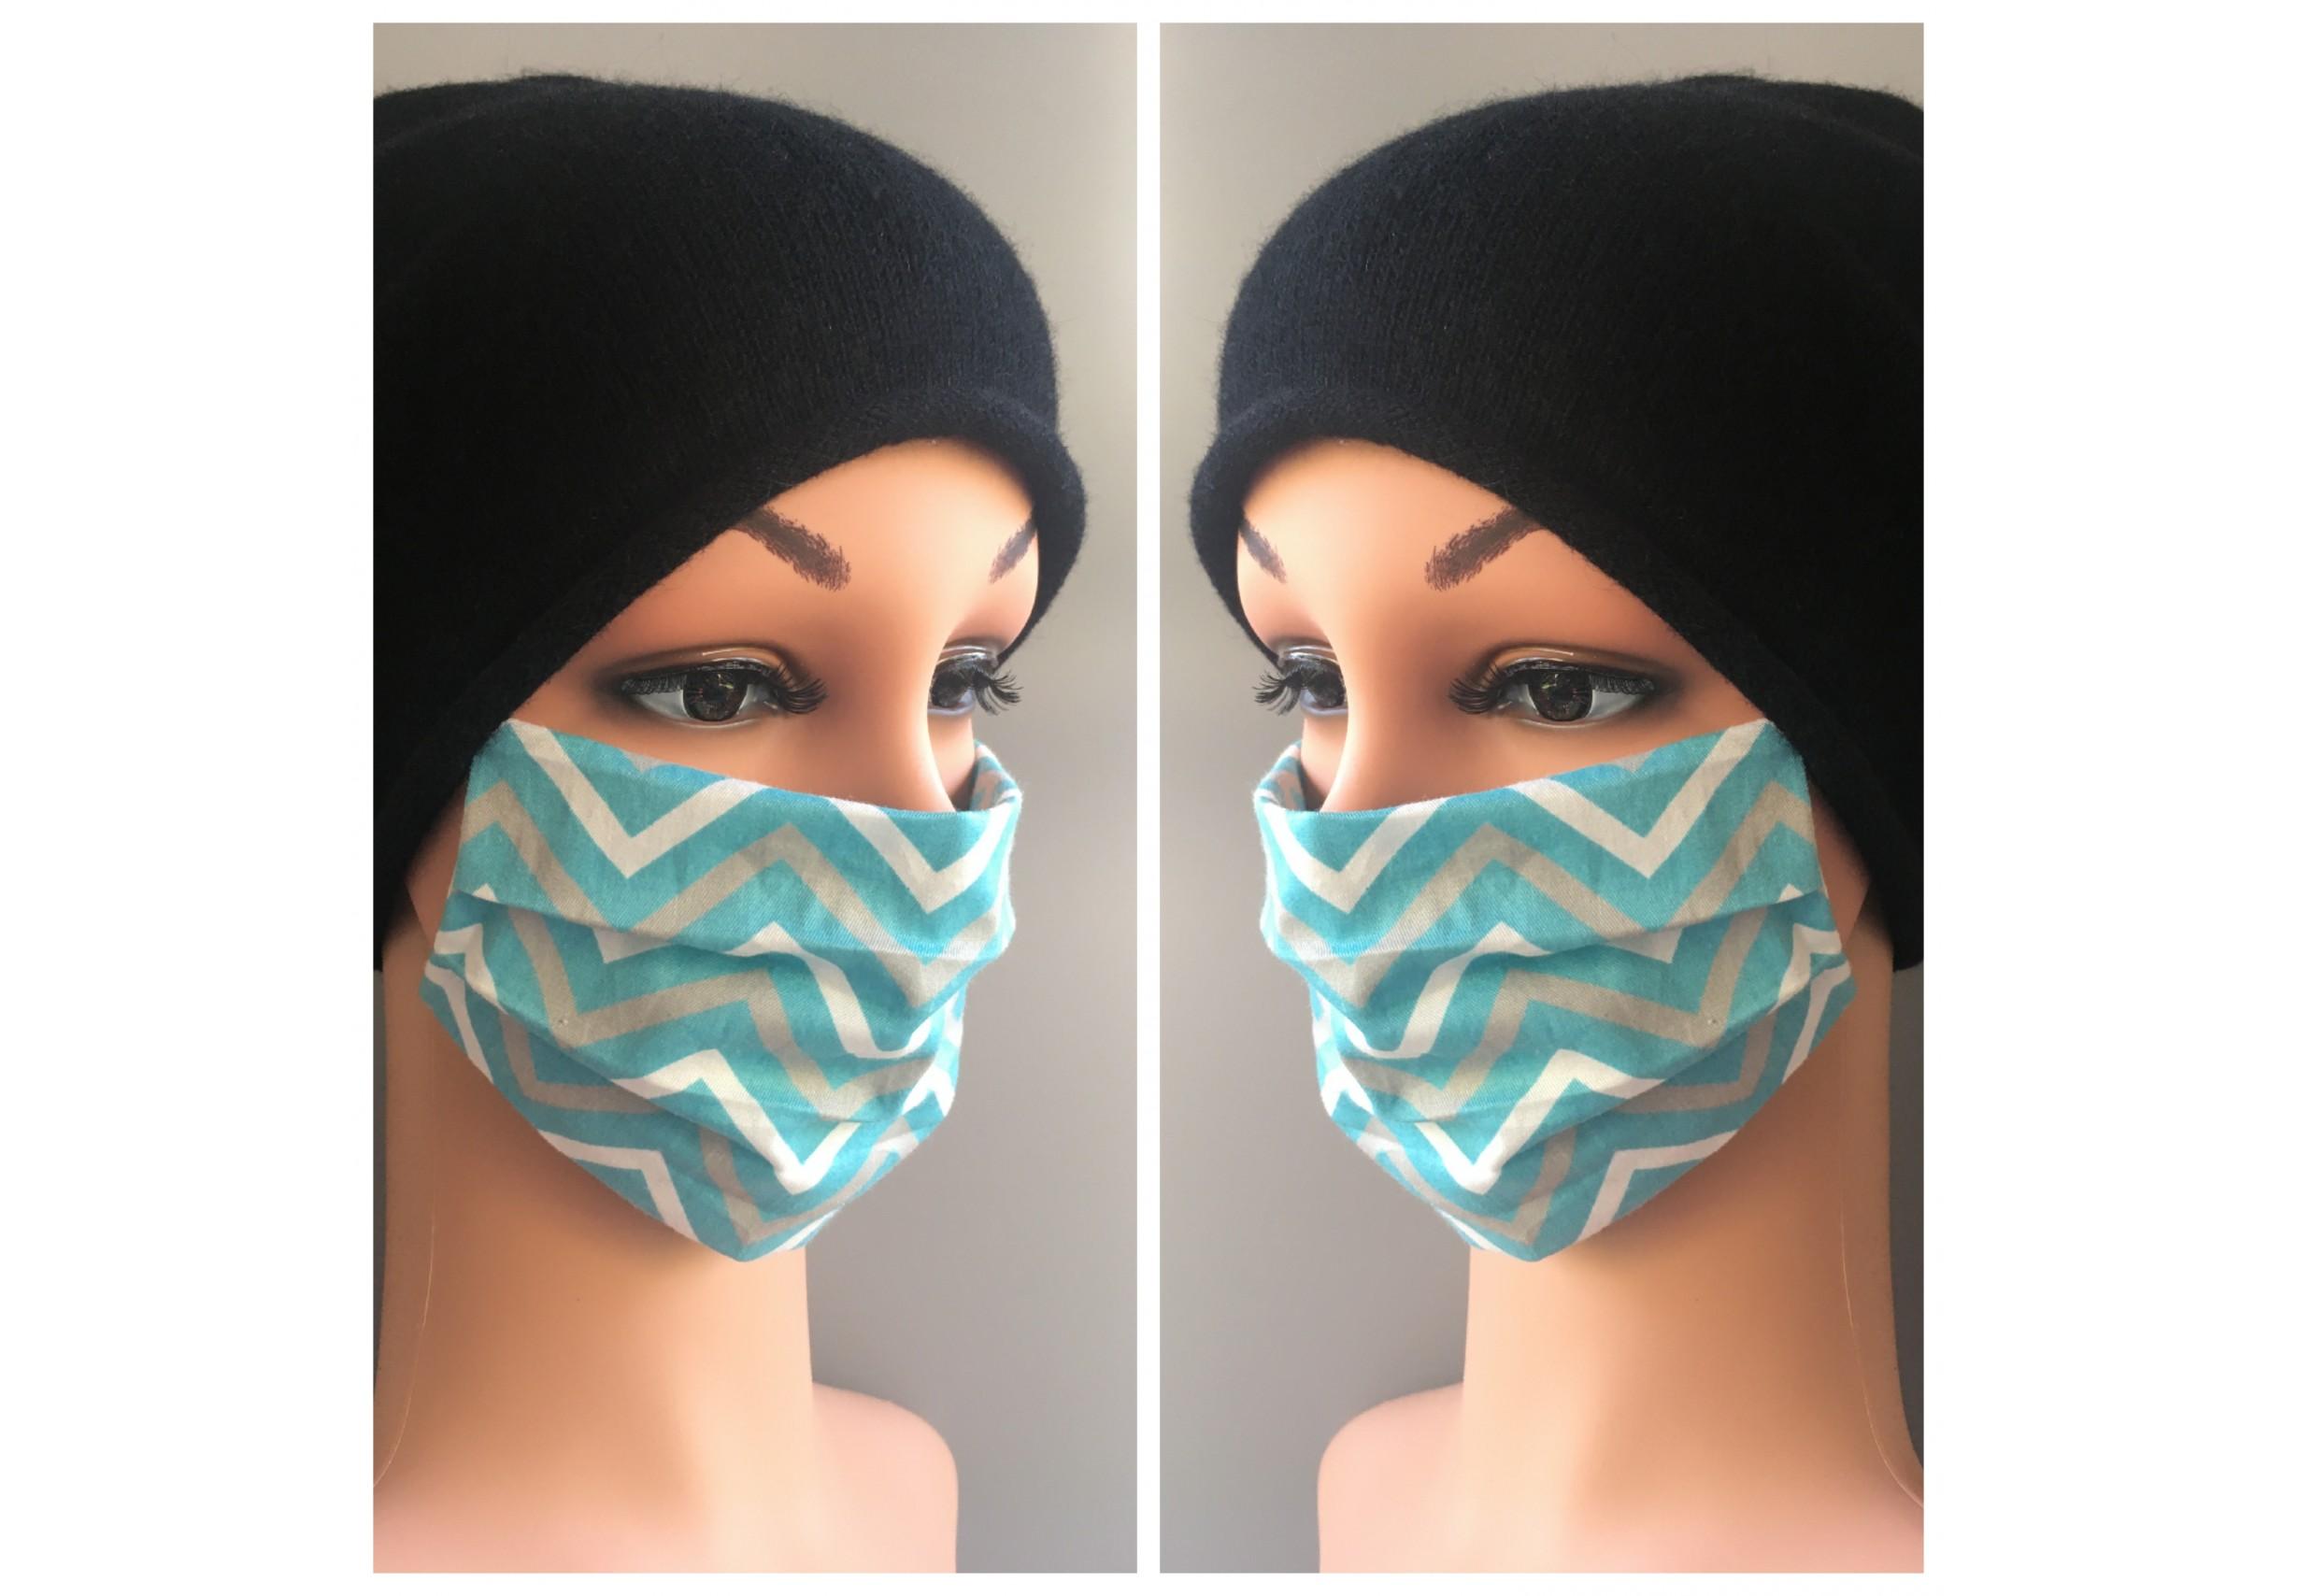 Двуслойна предпазна маска с джоб за филтър за многократна употреба (вариант 2)